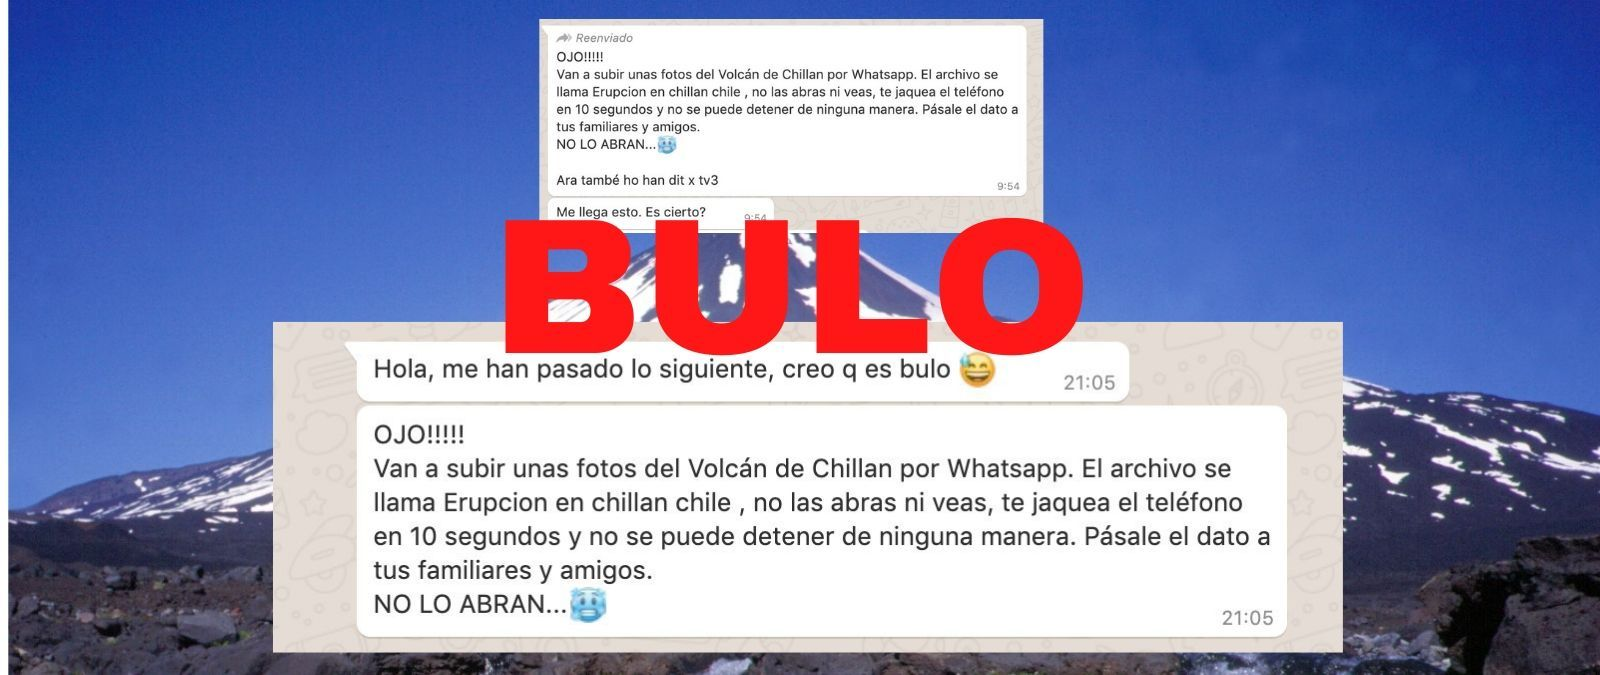 No, unas fotos del volcán Chillán de Chile no te hackean el teléfono en 10 segundos - Maldita.es